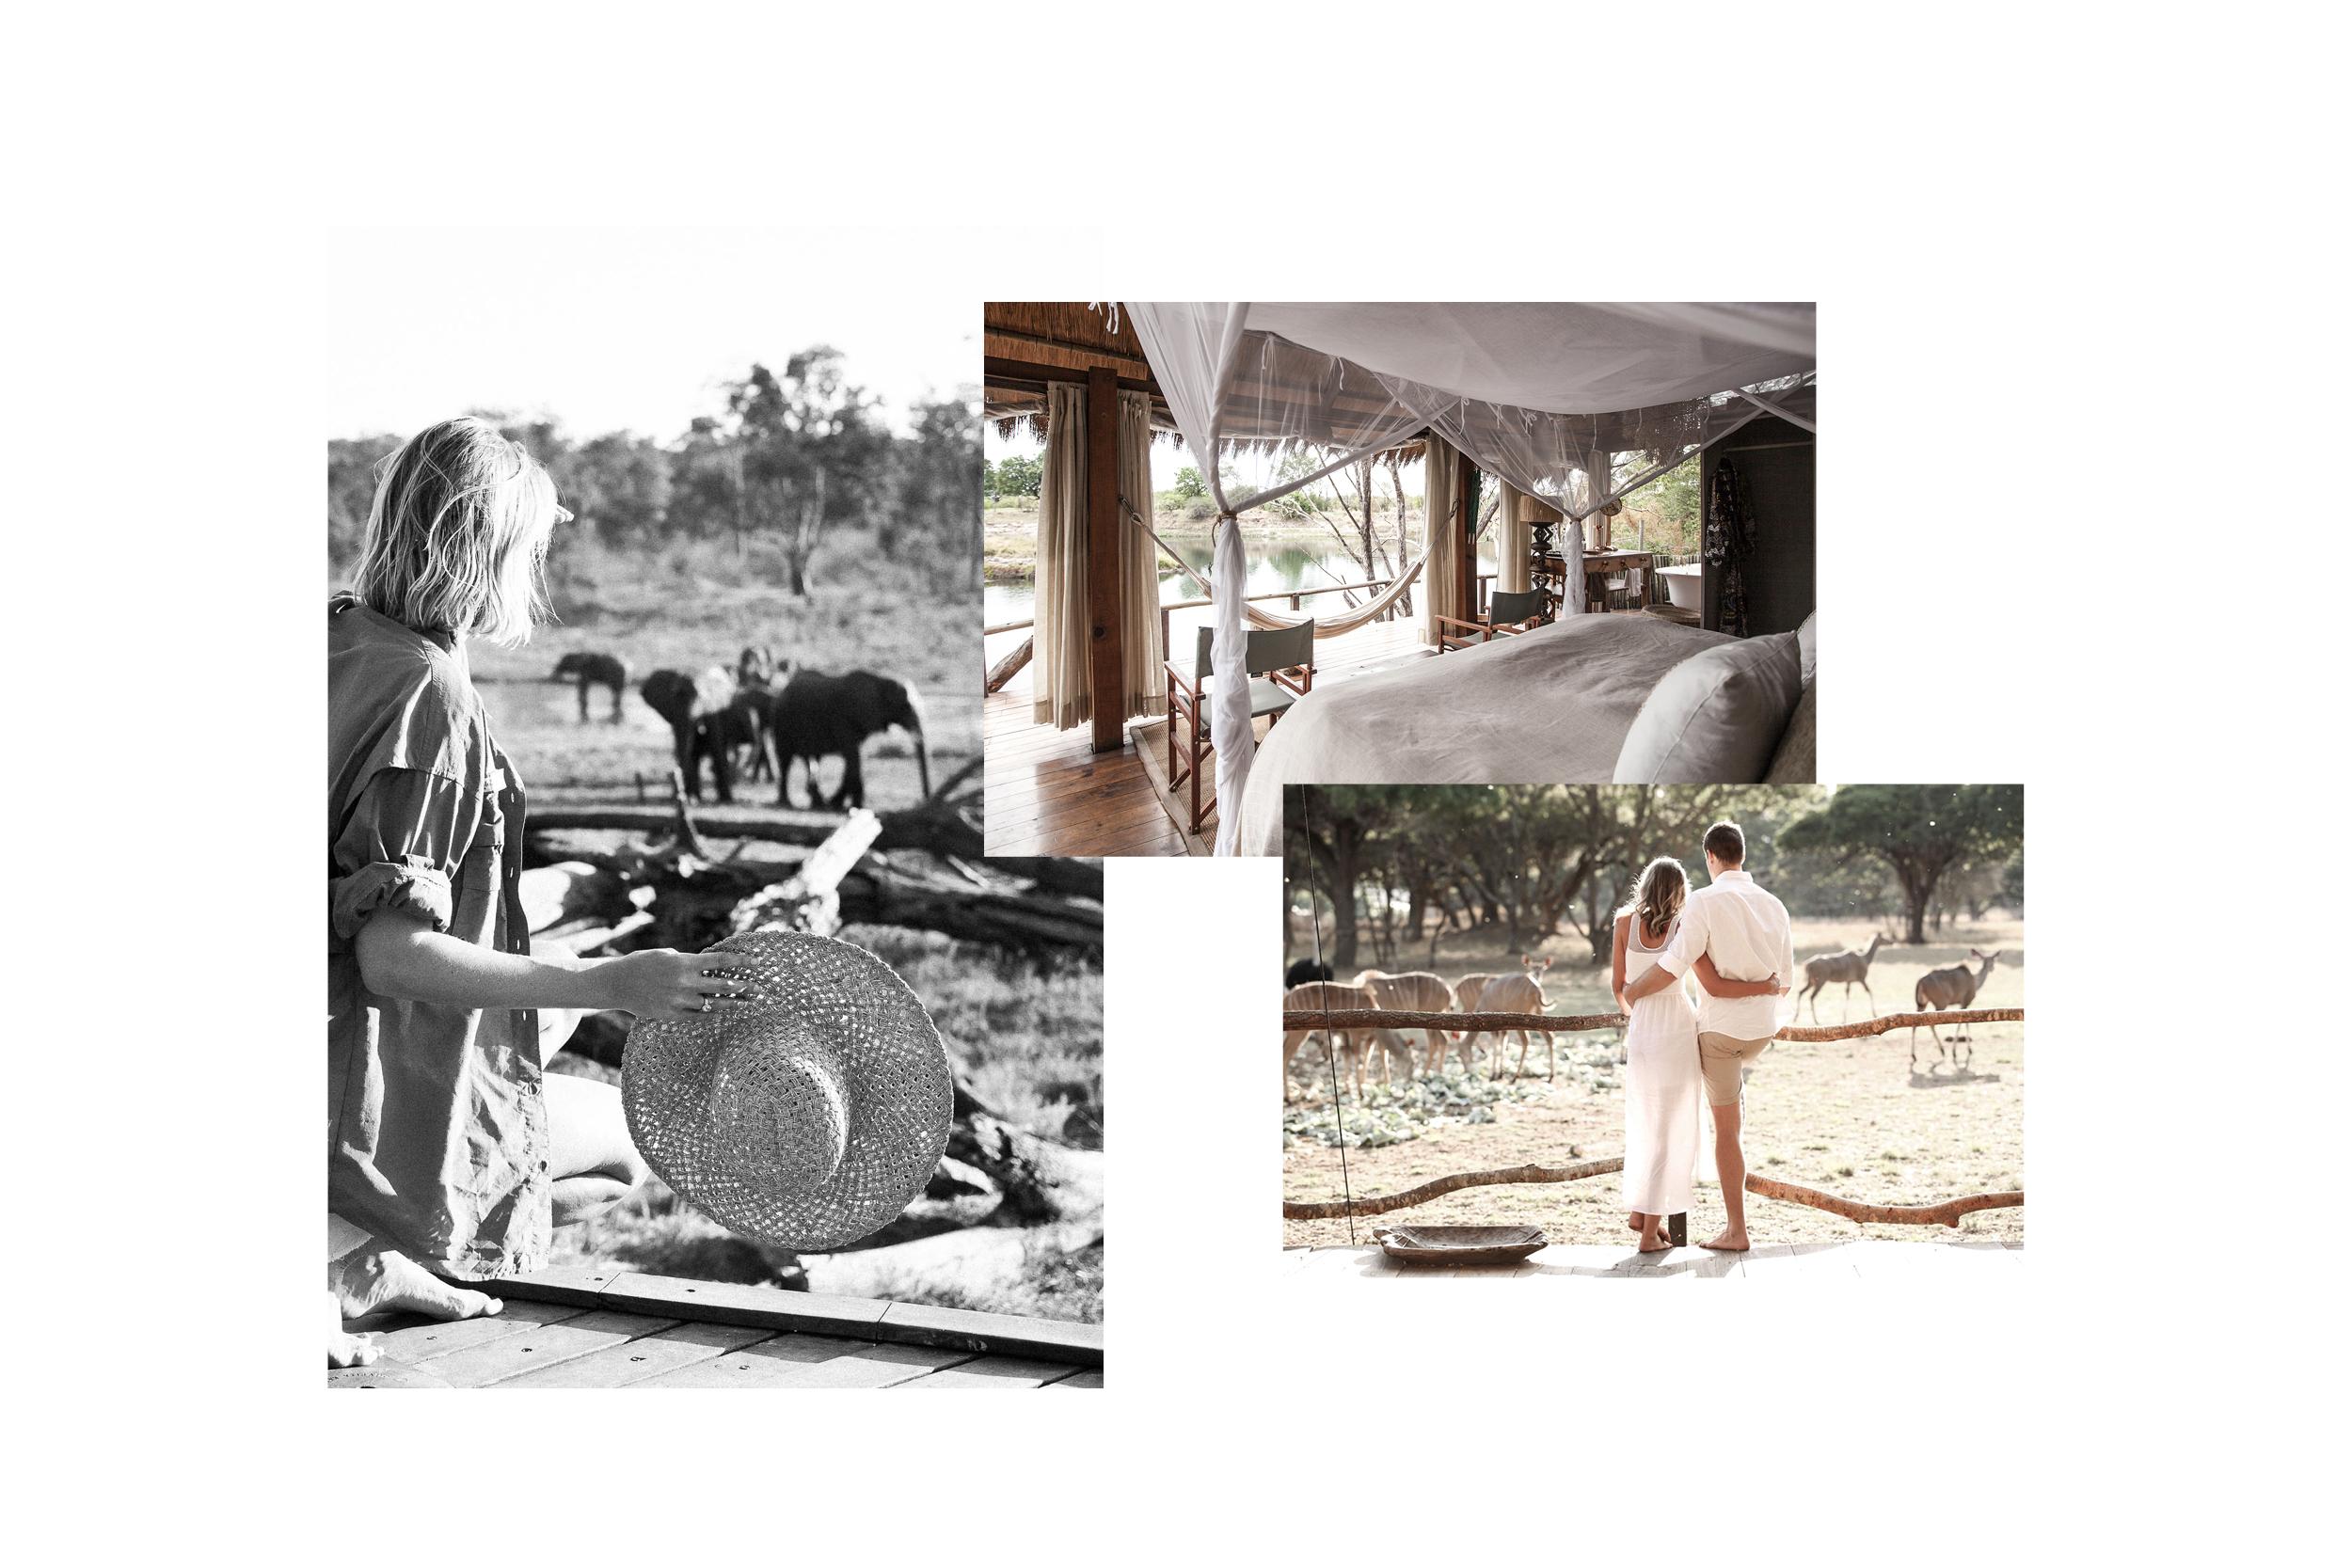 Bow & Arbour Safarimoon